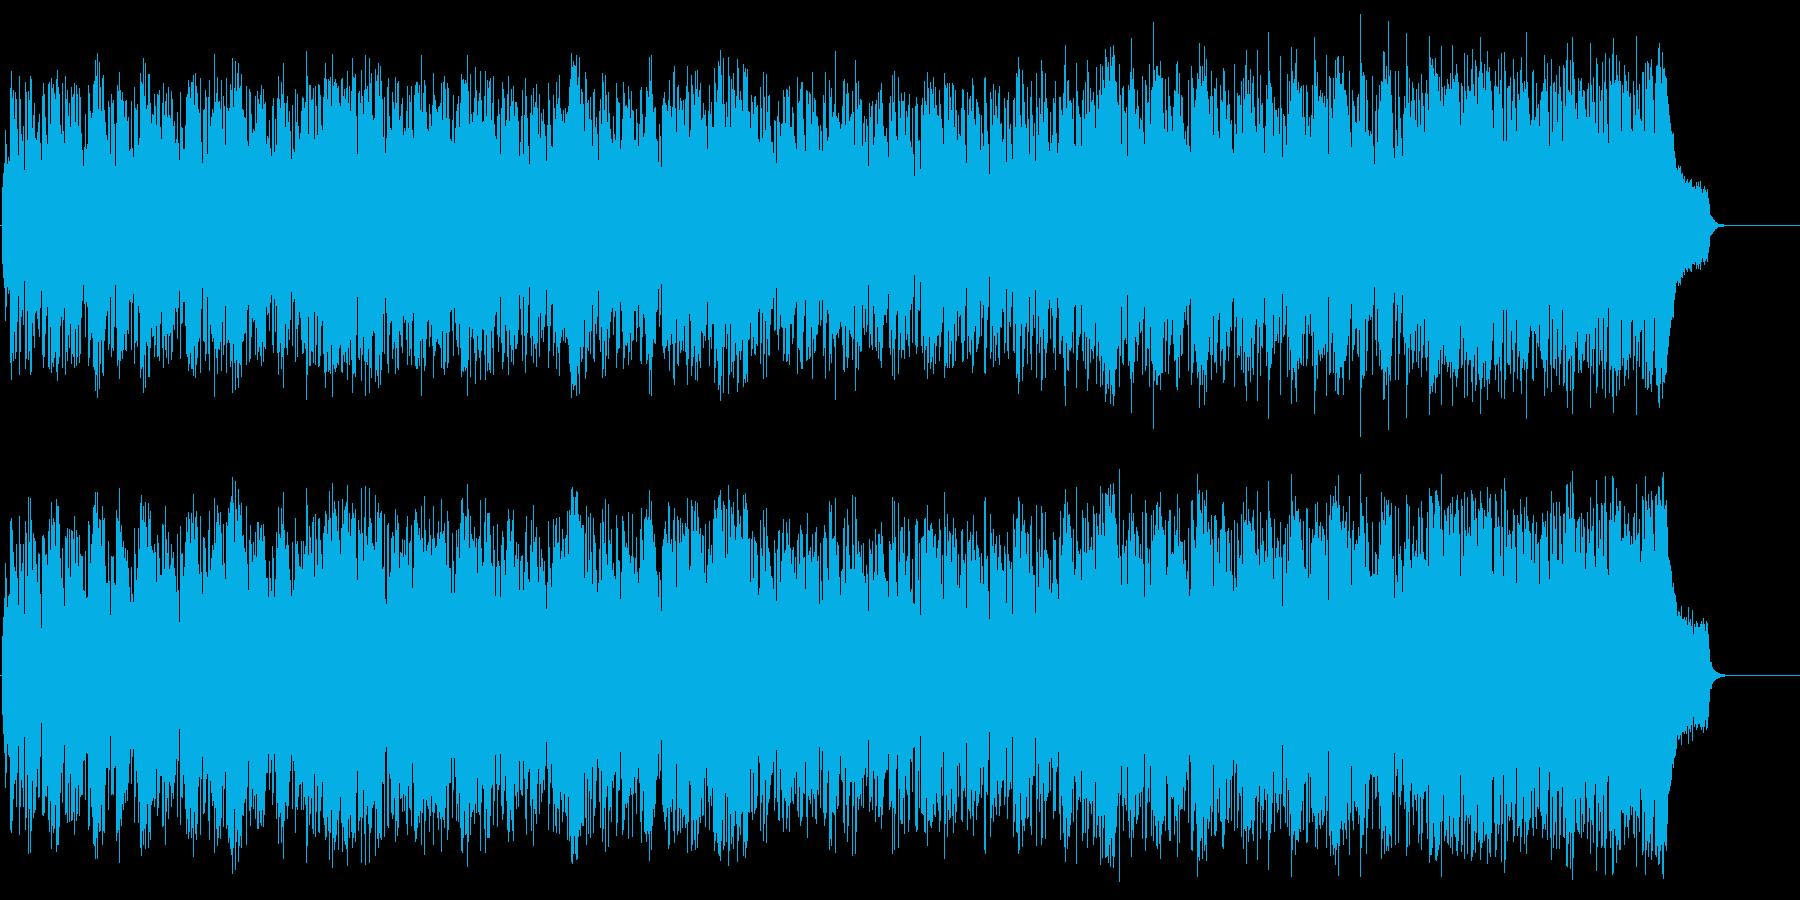 サスペンス・ドラマ風軽快なポップ/テーマの再生済みの波形